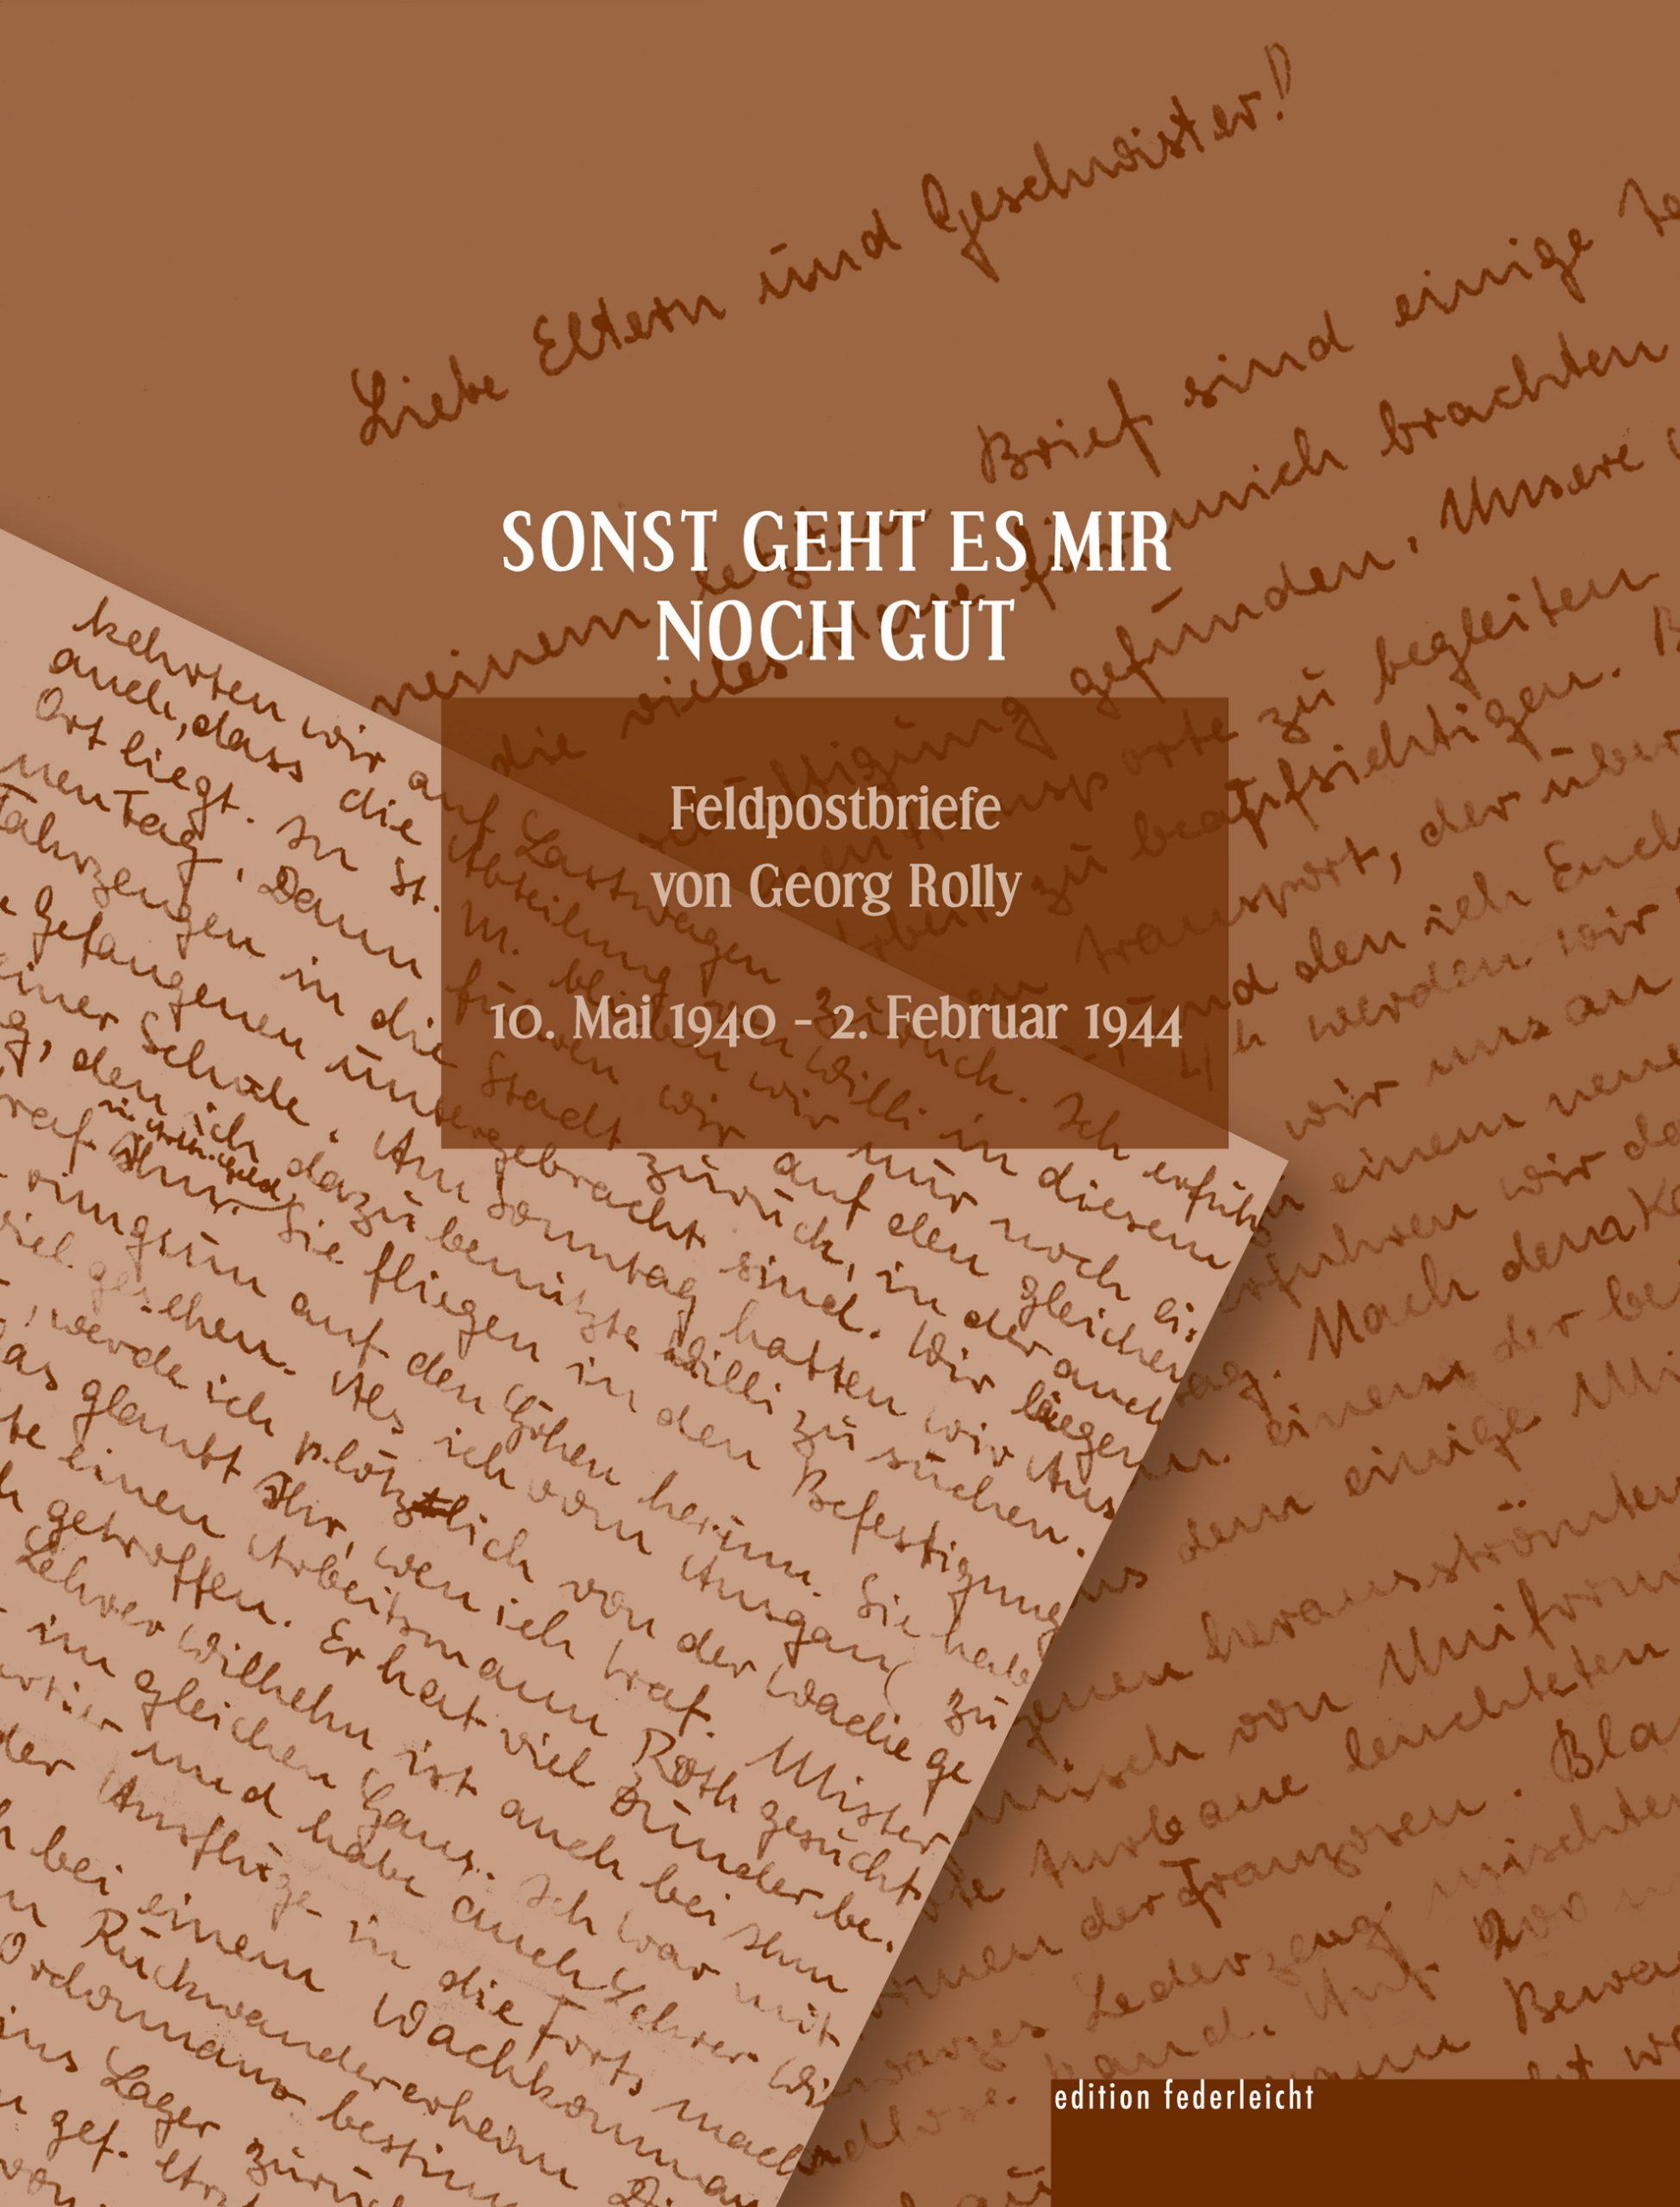 Lesung: Feldpostbriefe von Georg Rolly. Eine Buchvorstellung von Johannes Chwalek - via ZOOM